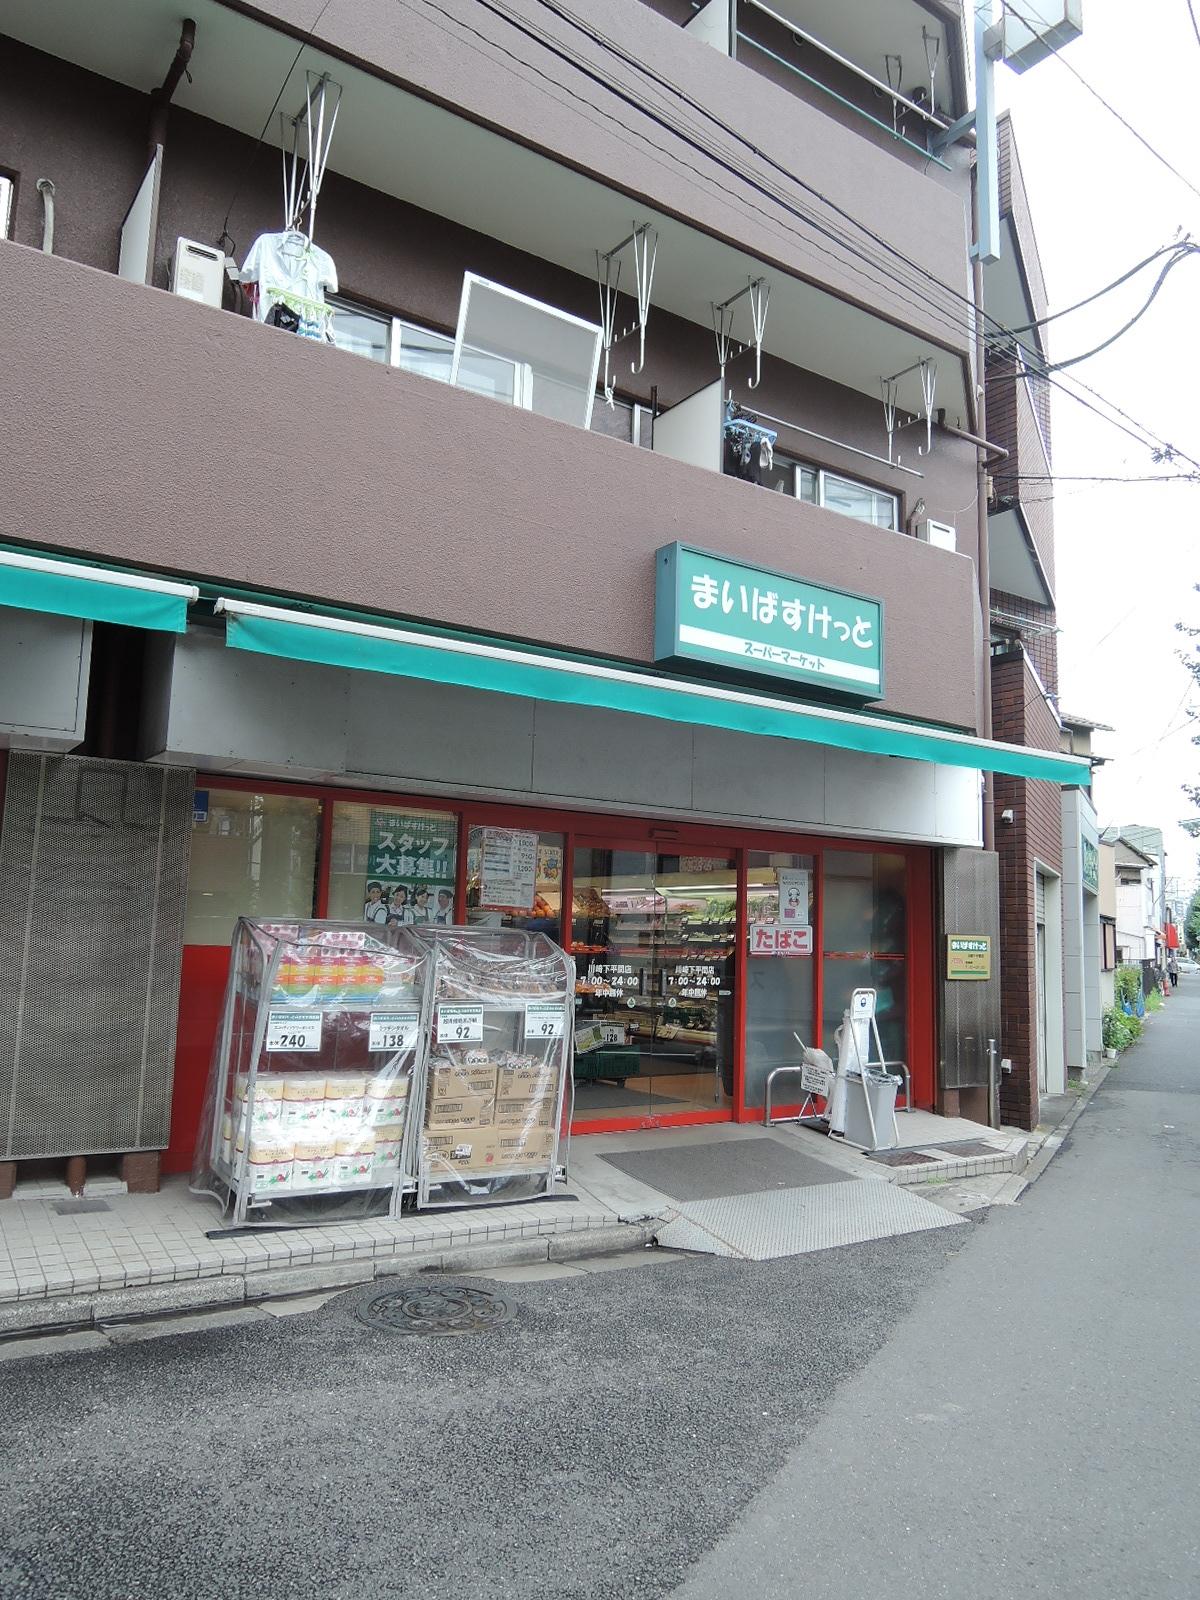 マンション近くにもお店があります